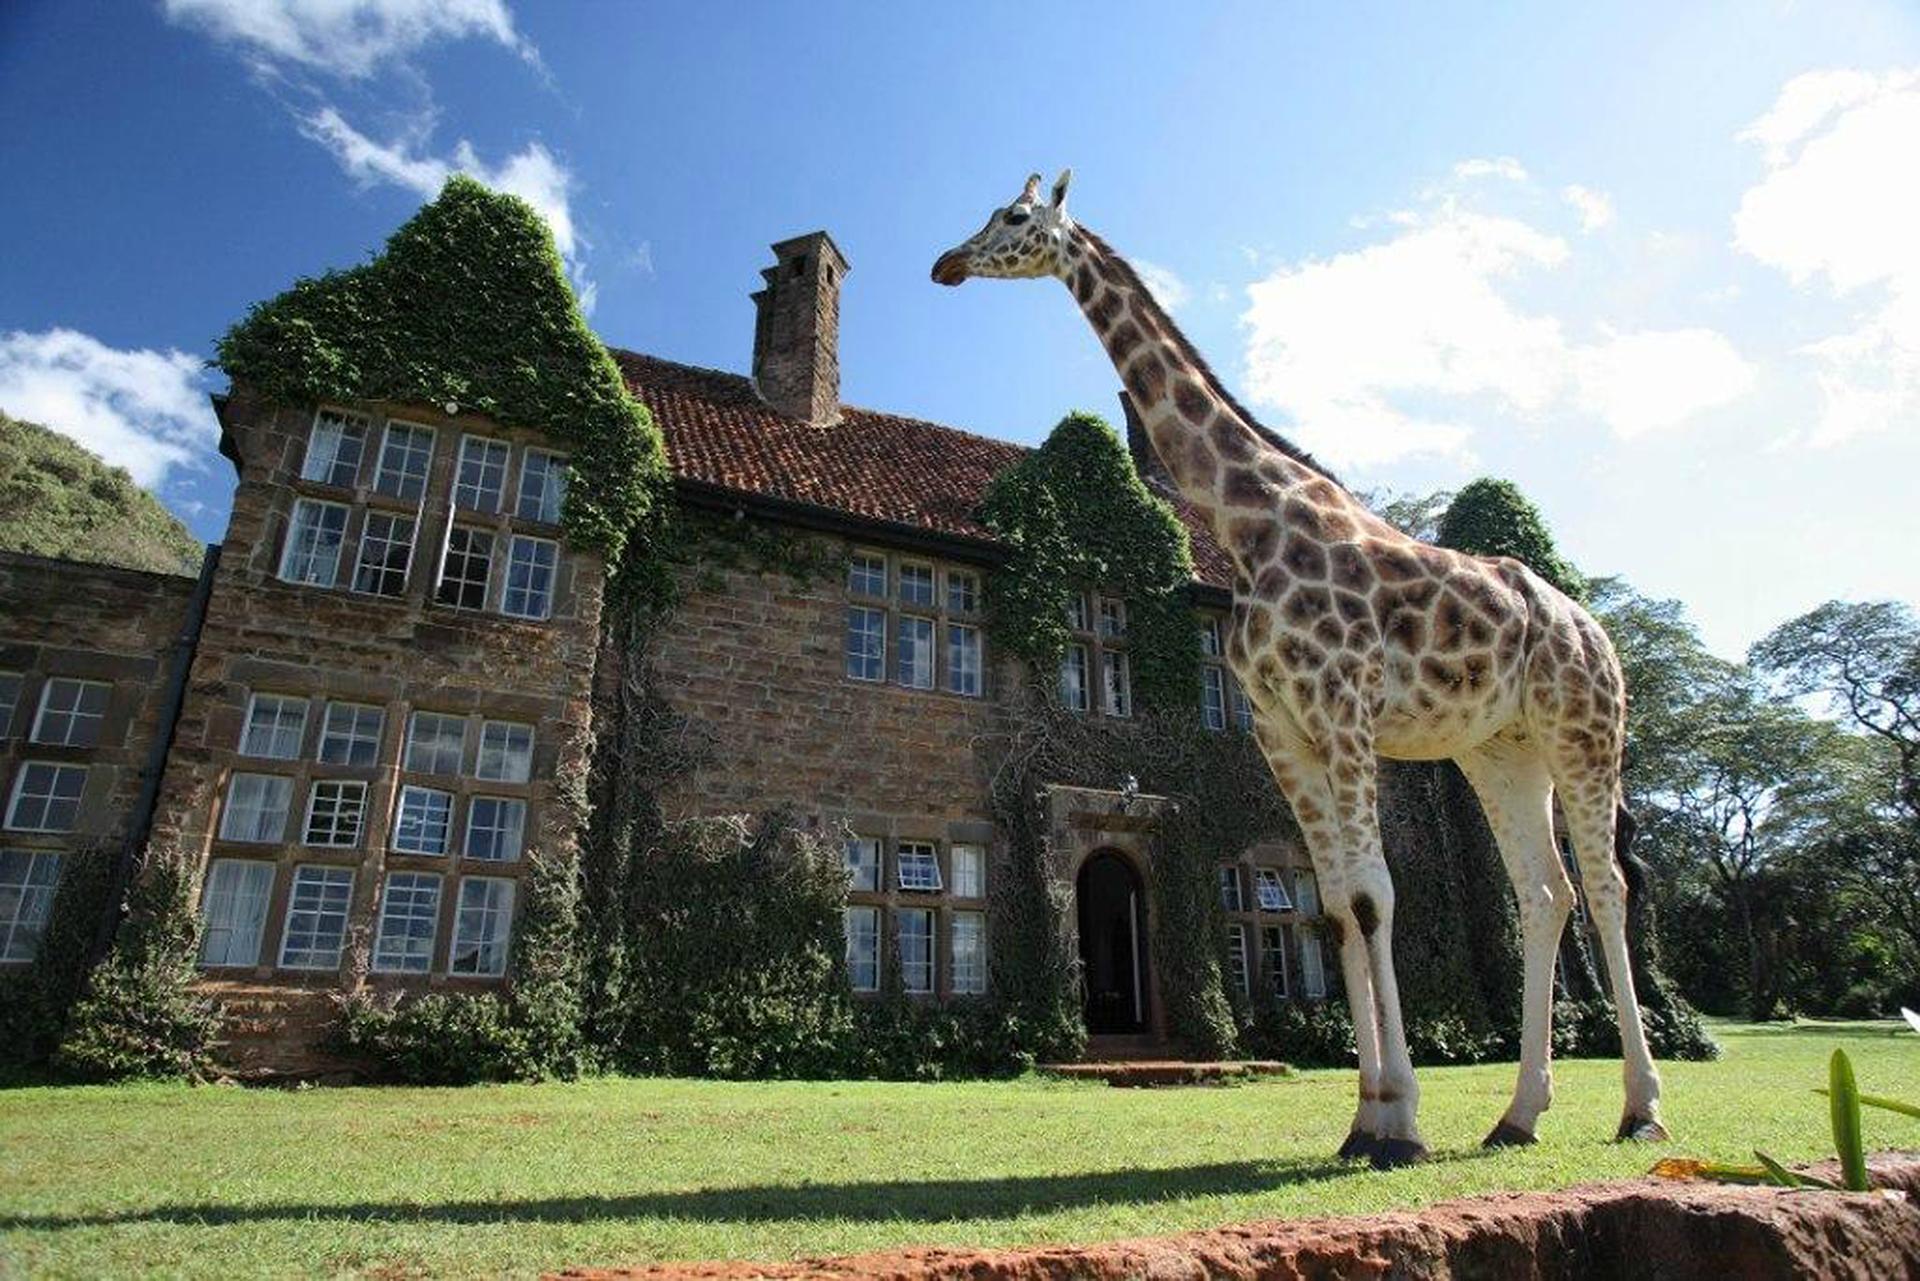 Photo Courtesy of Giraffe Manor